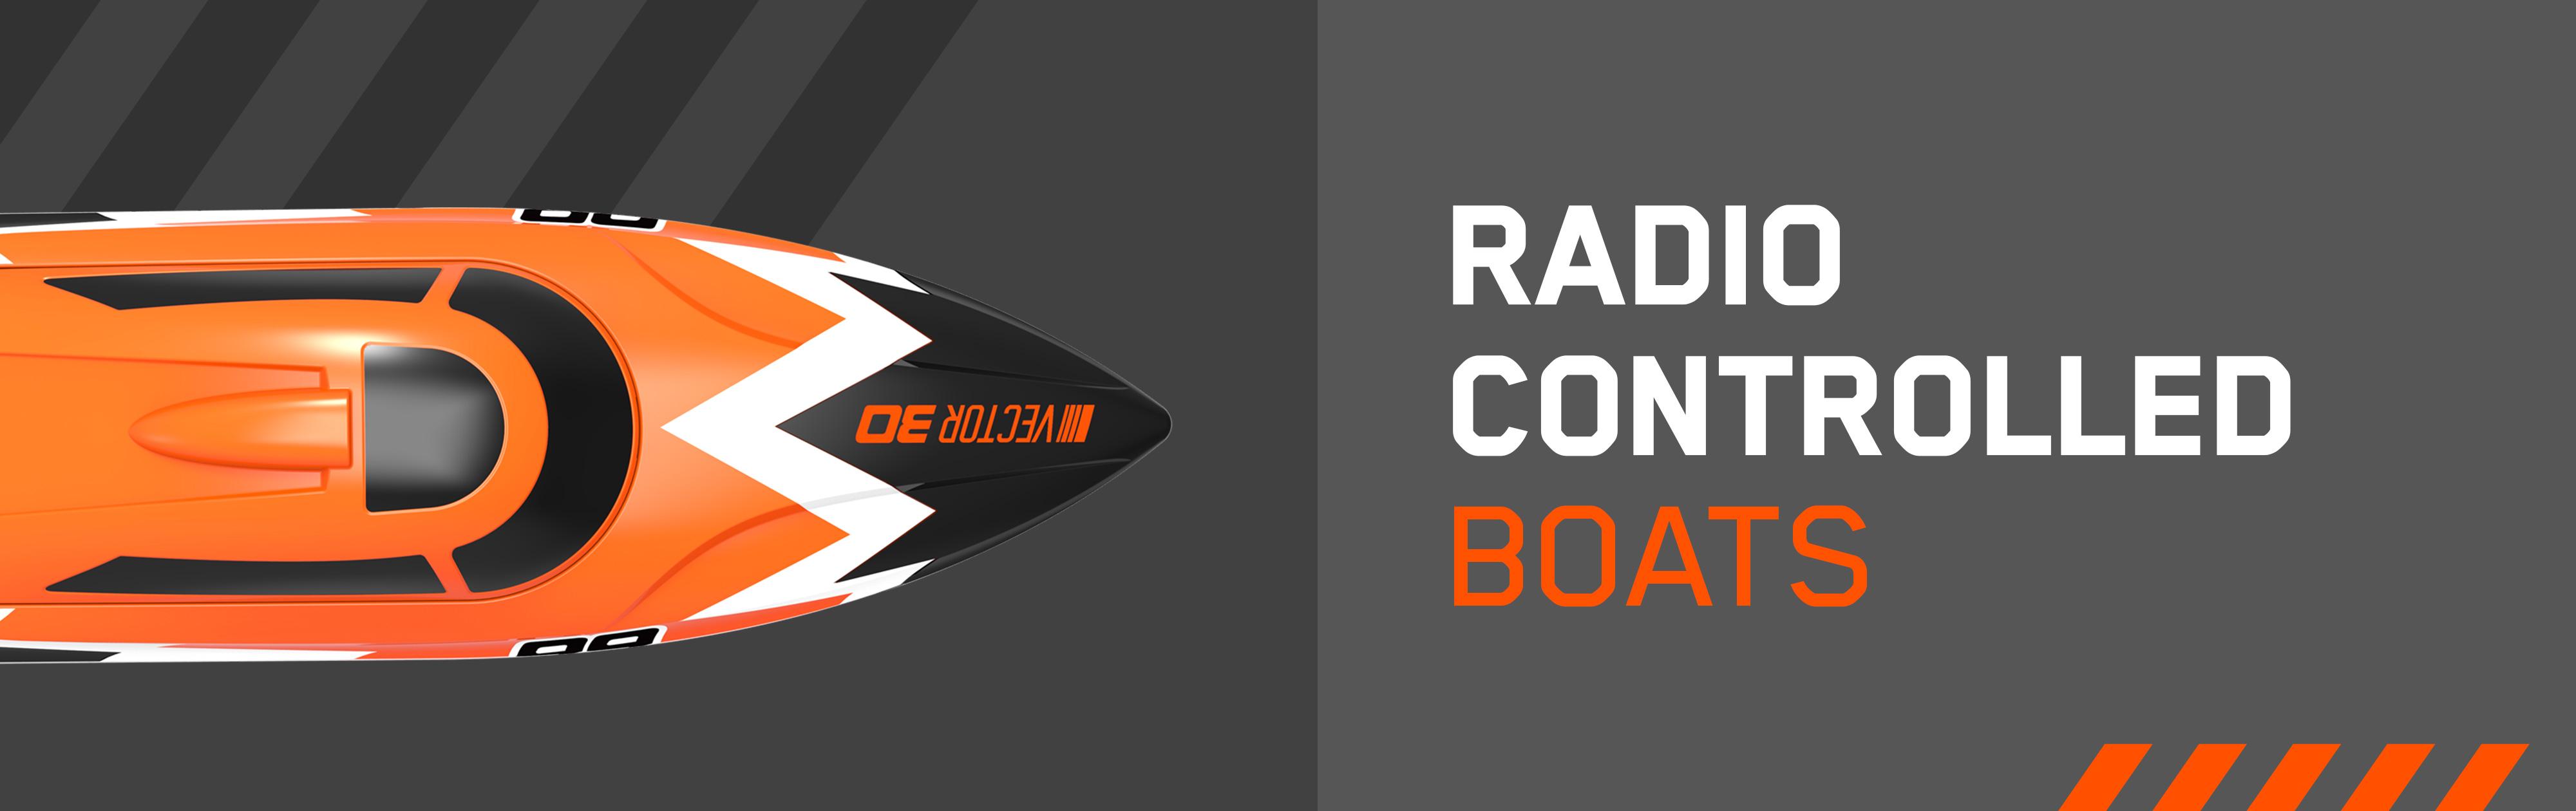 Modster-RC-Boote-kaufen-2fCF3yZyGsHKwe